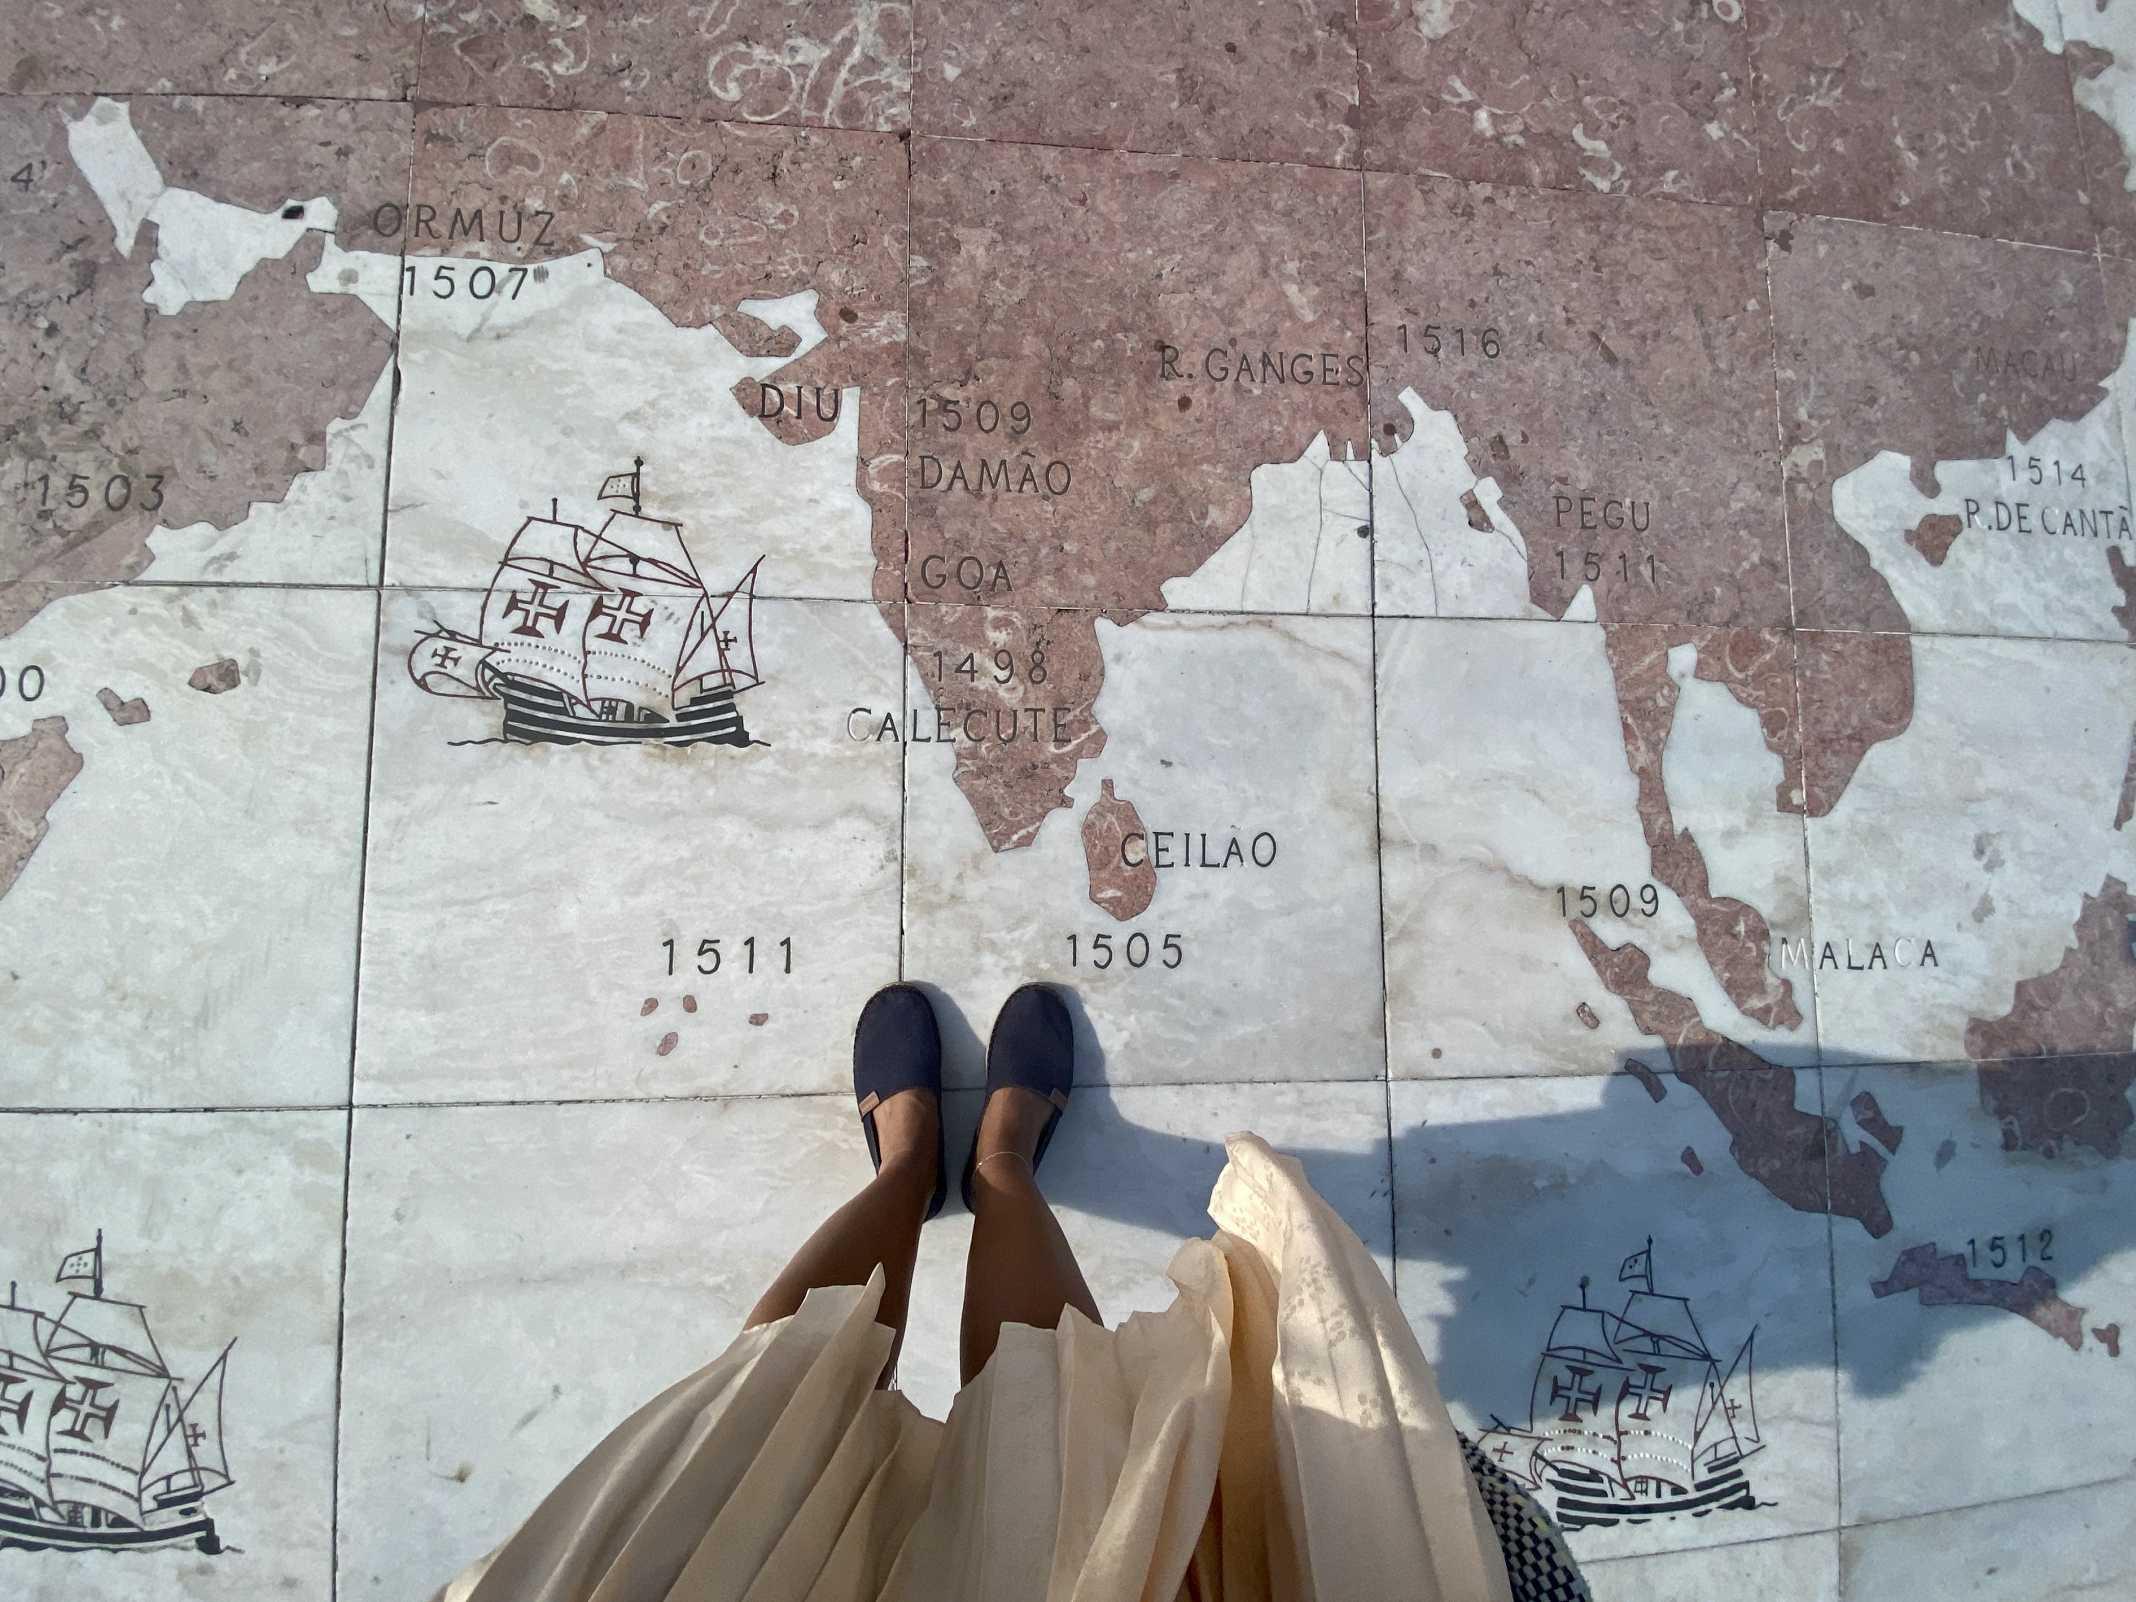 Padrão dos Descobrimentos mapa navegações